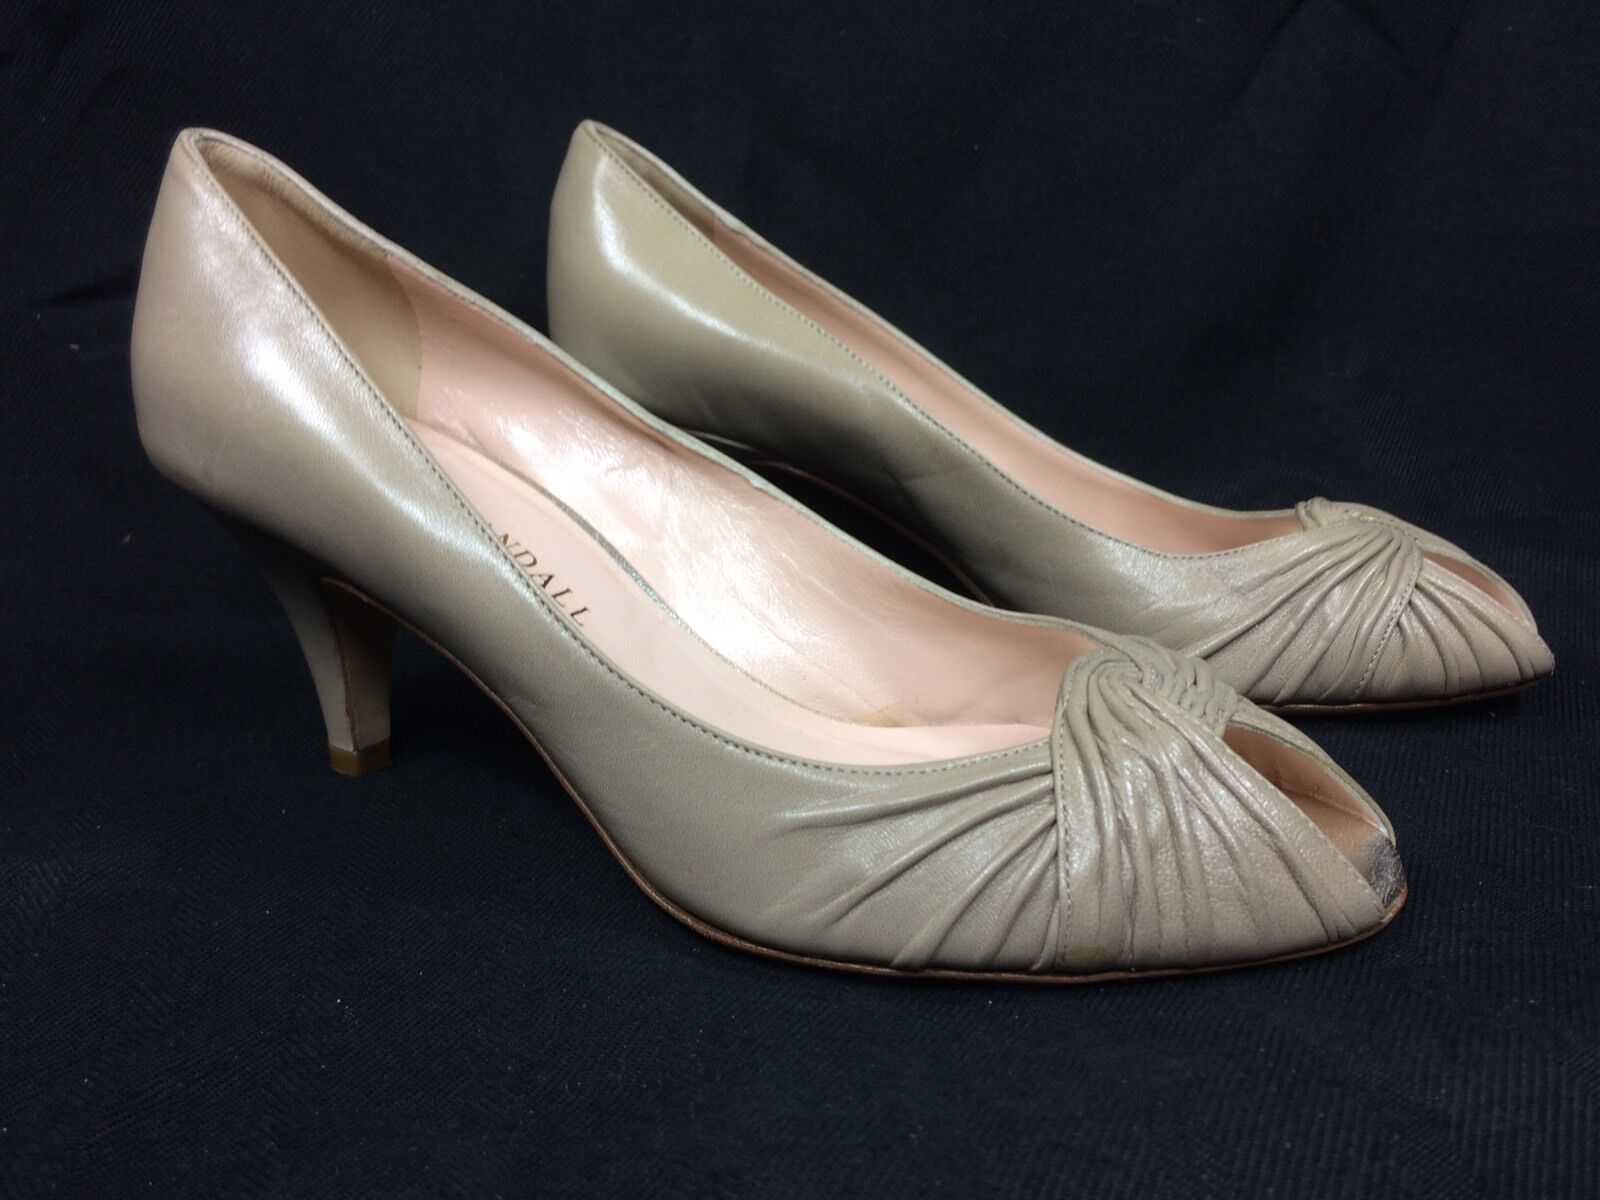 NEW  395 Loeffler Randall Pleated Leather Trim Peep-Toe 2  Heel Pump Taupe Sz 7